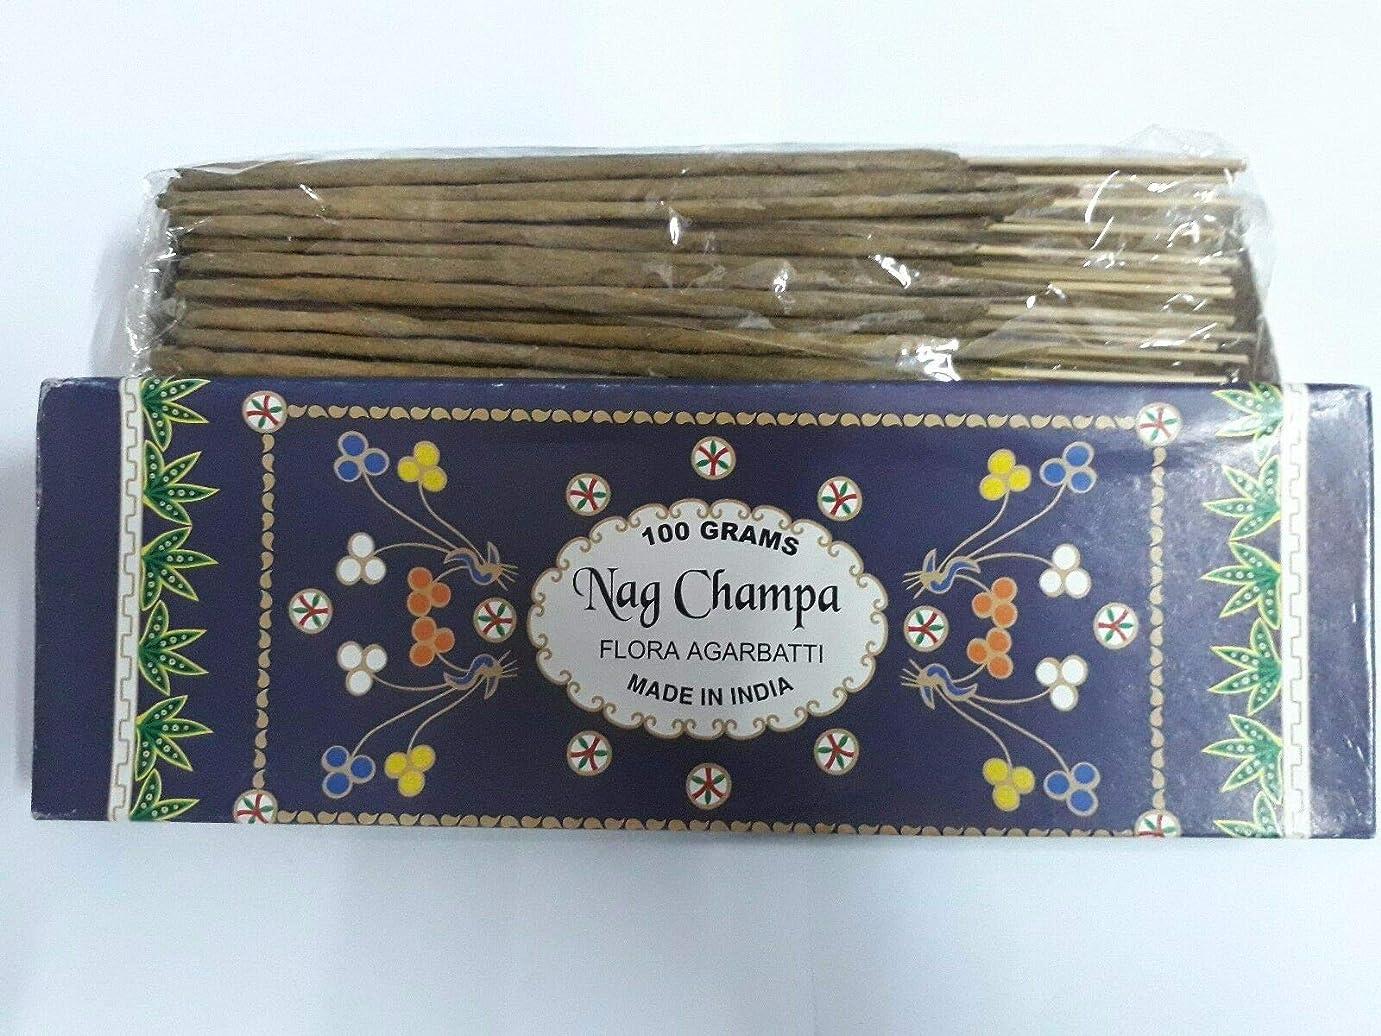 ローラー味所有者Nag Champa ナグチャンパ Agarbatti Incense Sticks 線香 100 grams Flora Agarbatti フローラ線香